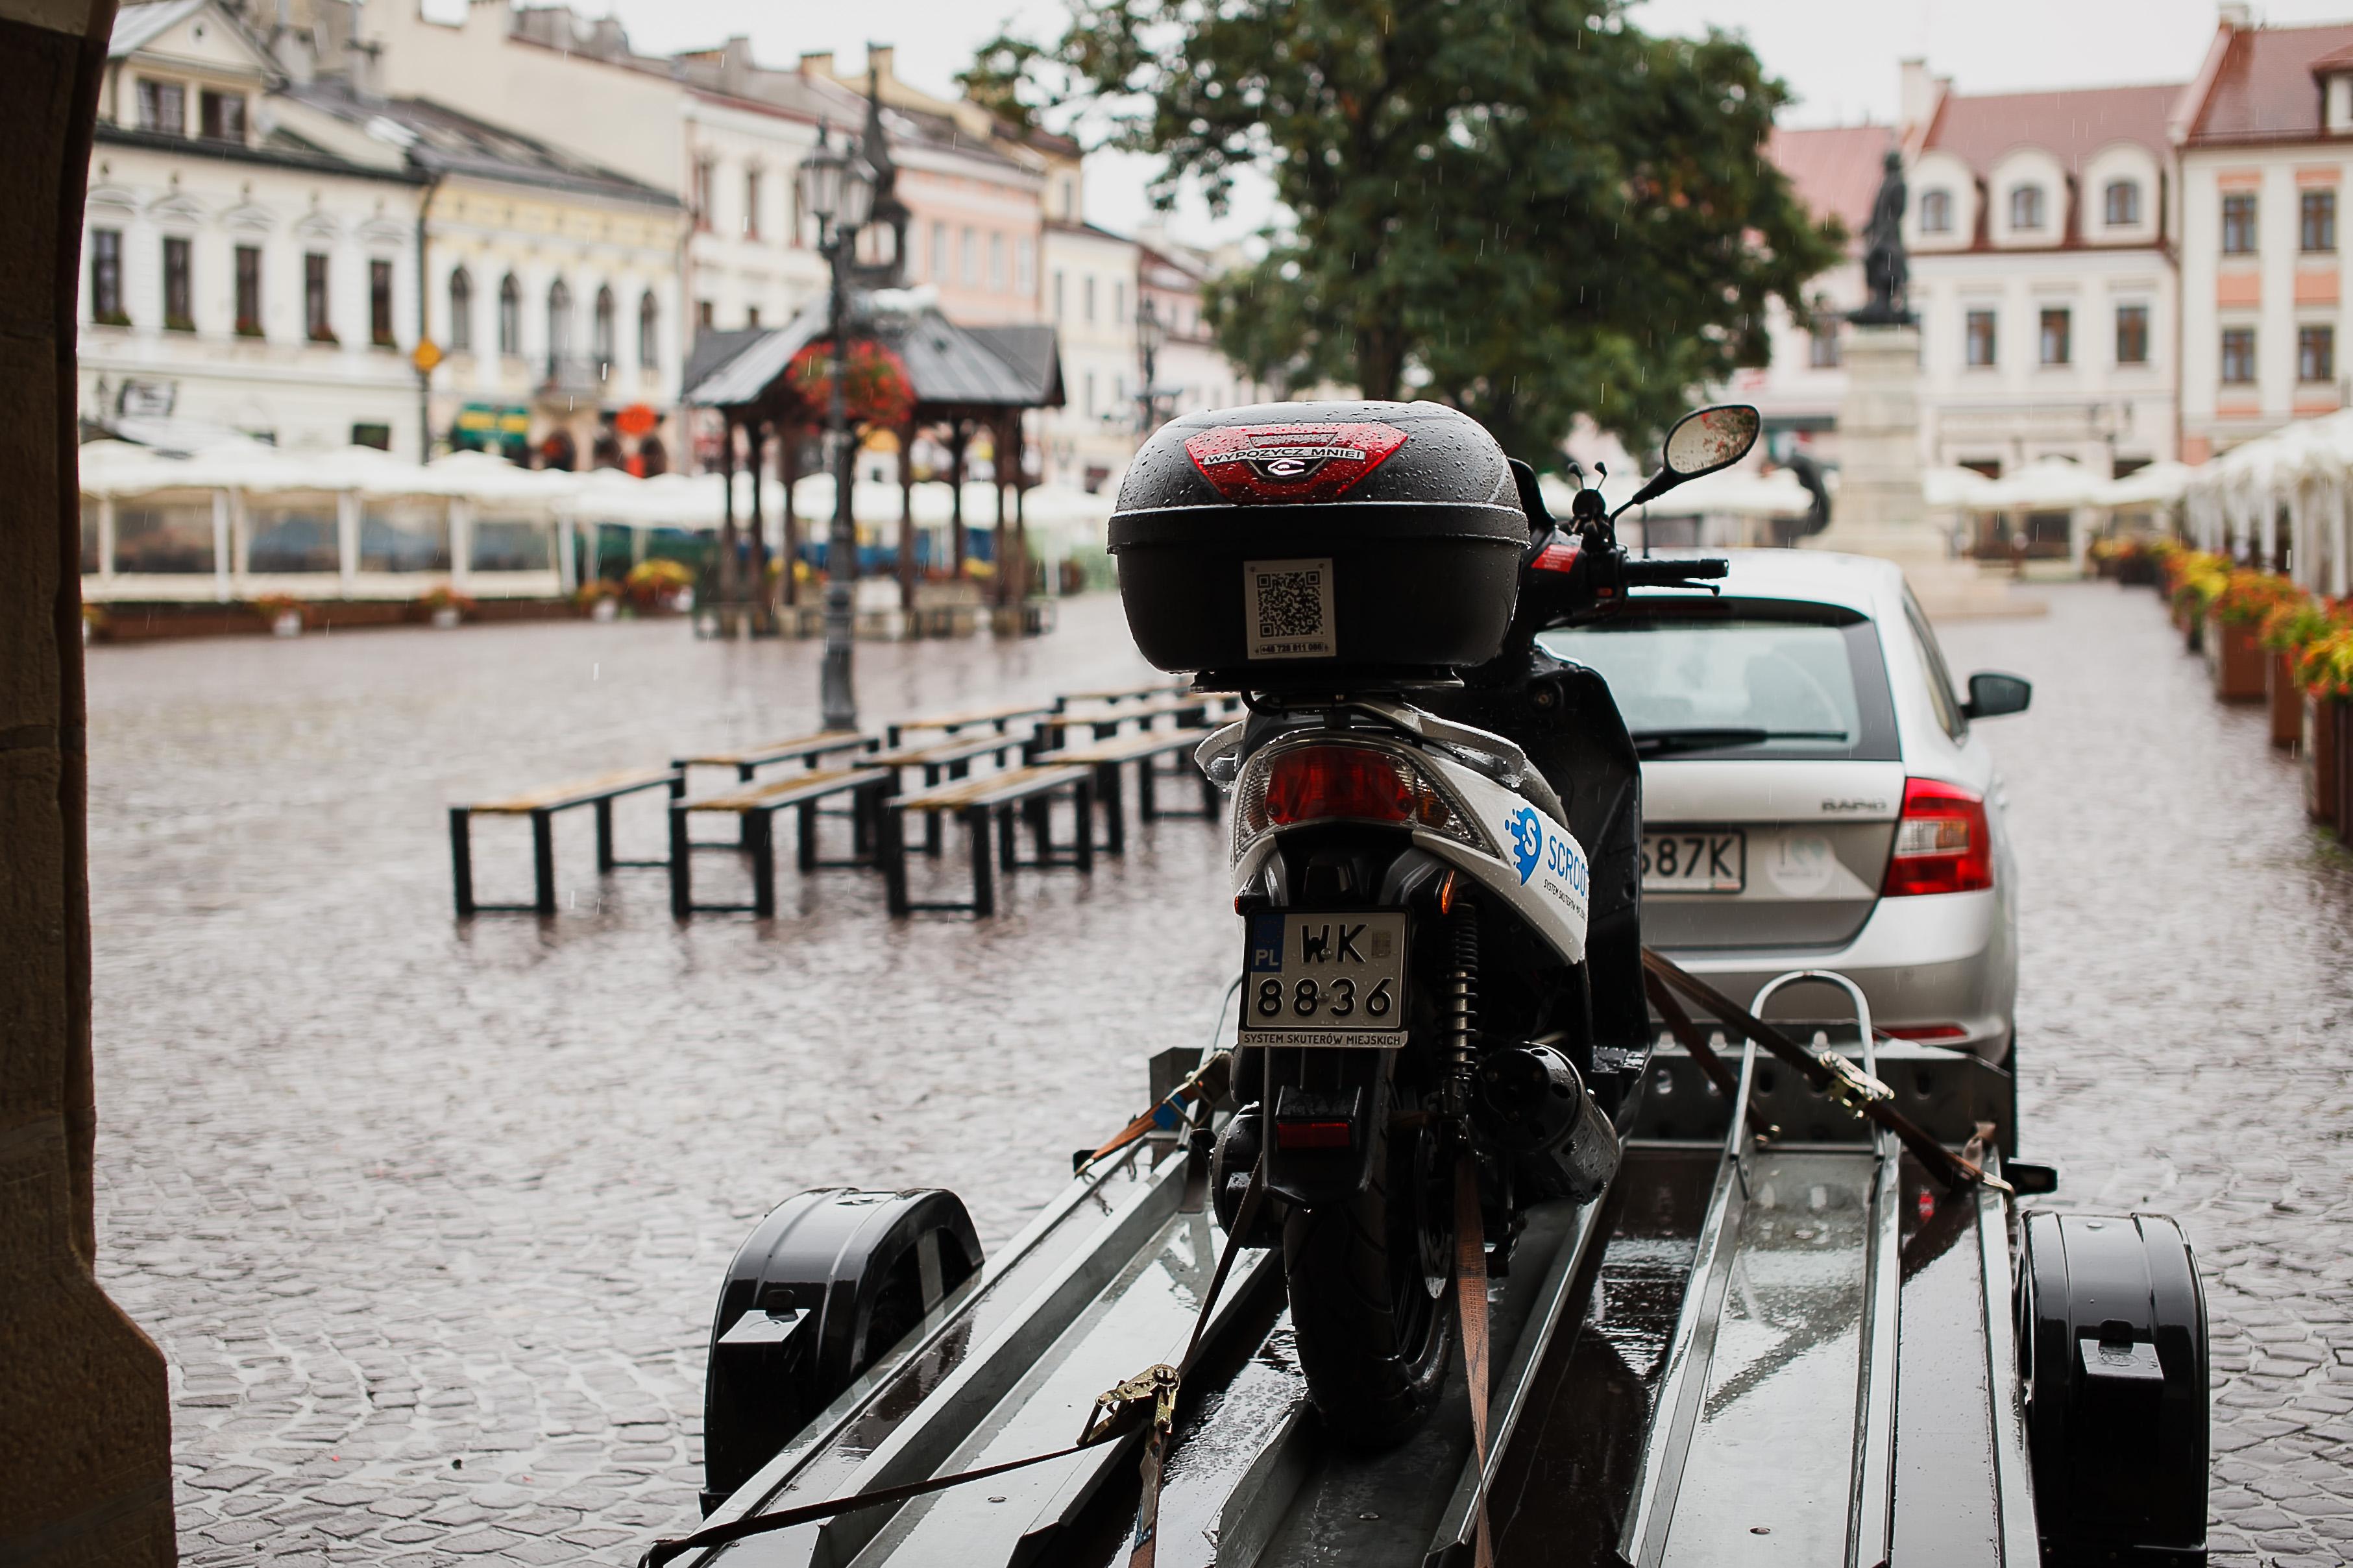 Zdjęcie: Urszula Chrobak / Rzeszów News